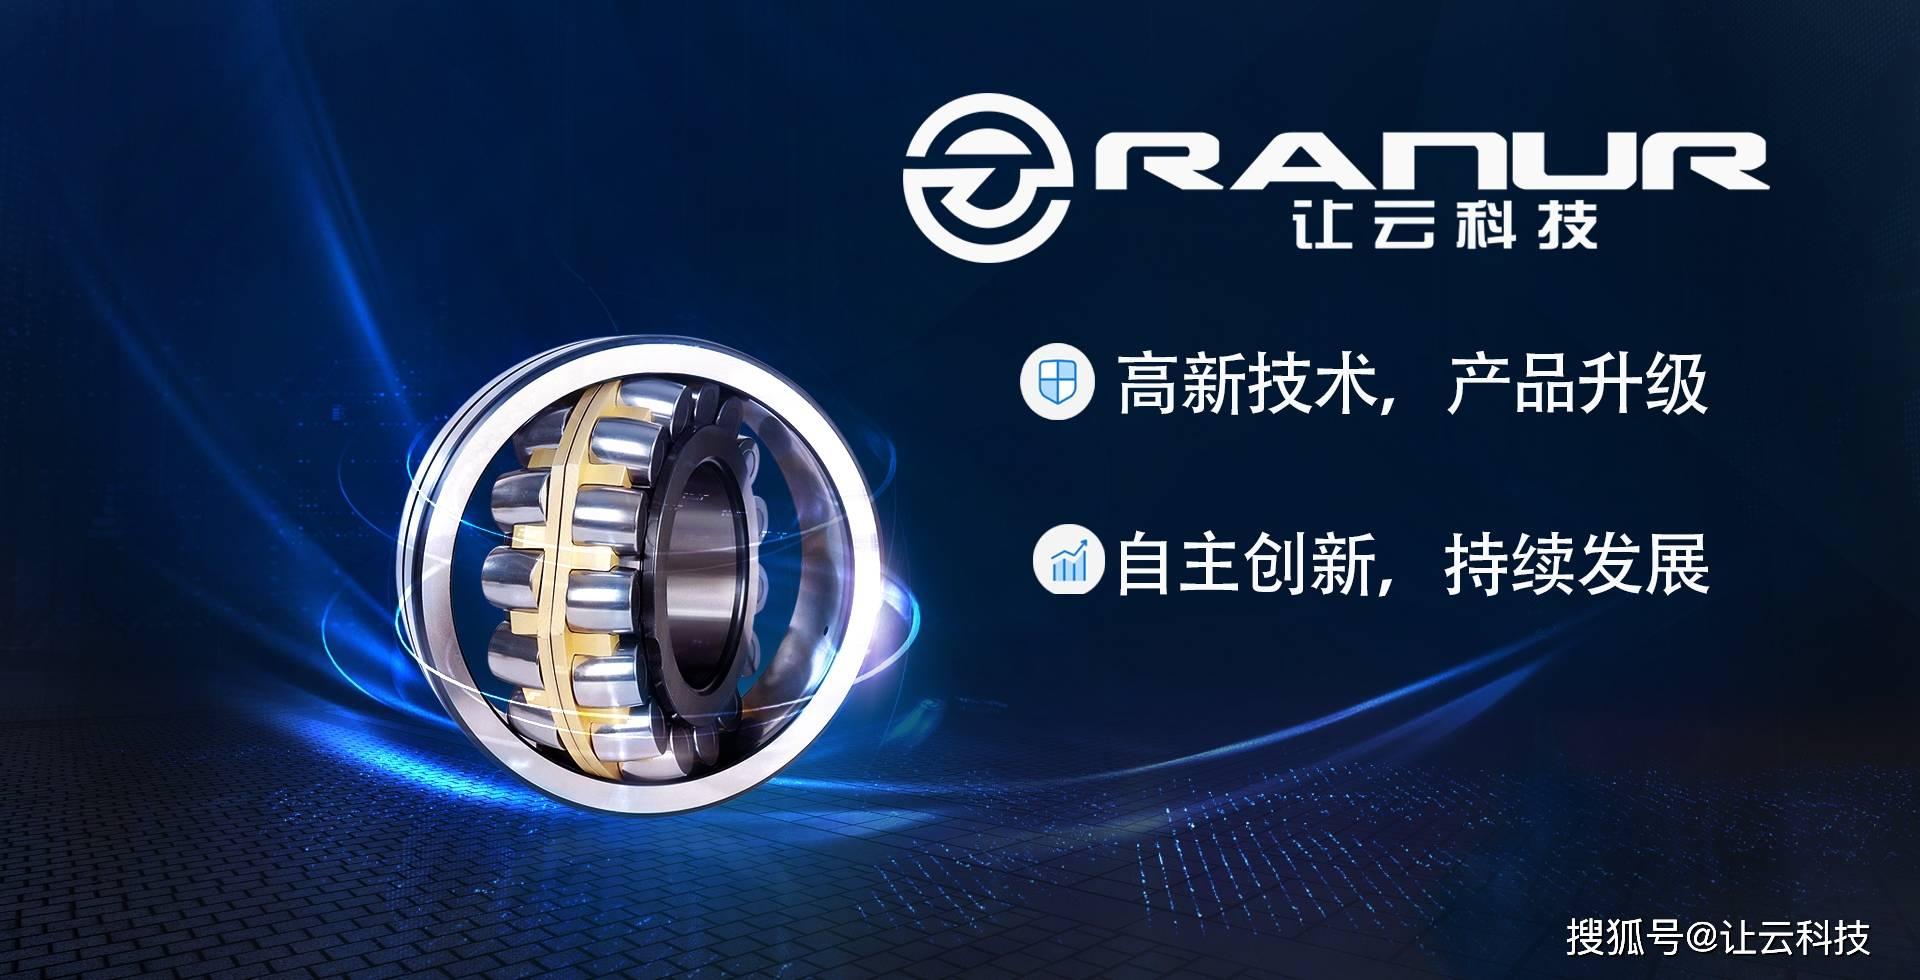 高温轴承通常使用圆锥滚子轴承的哪些方